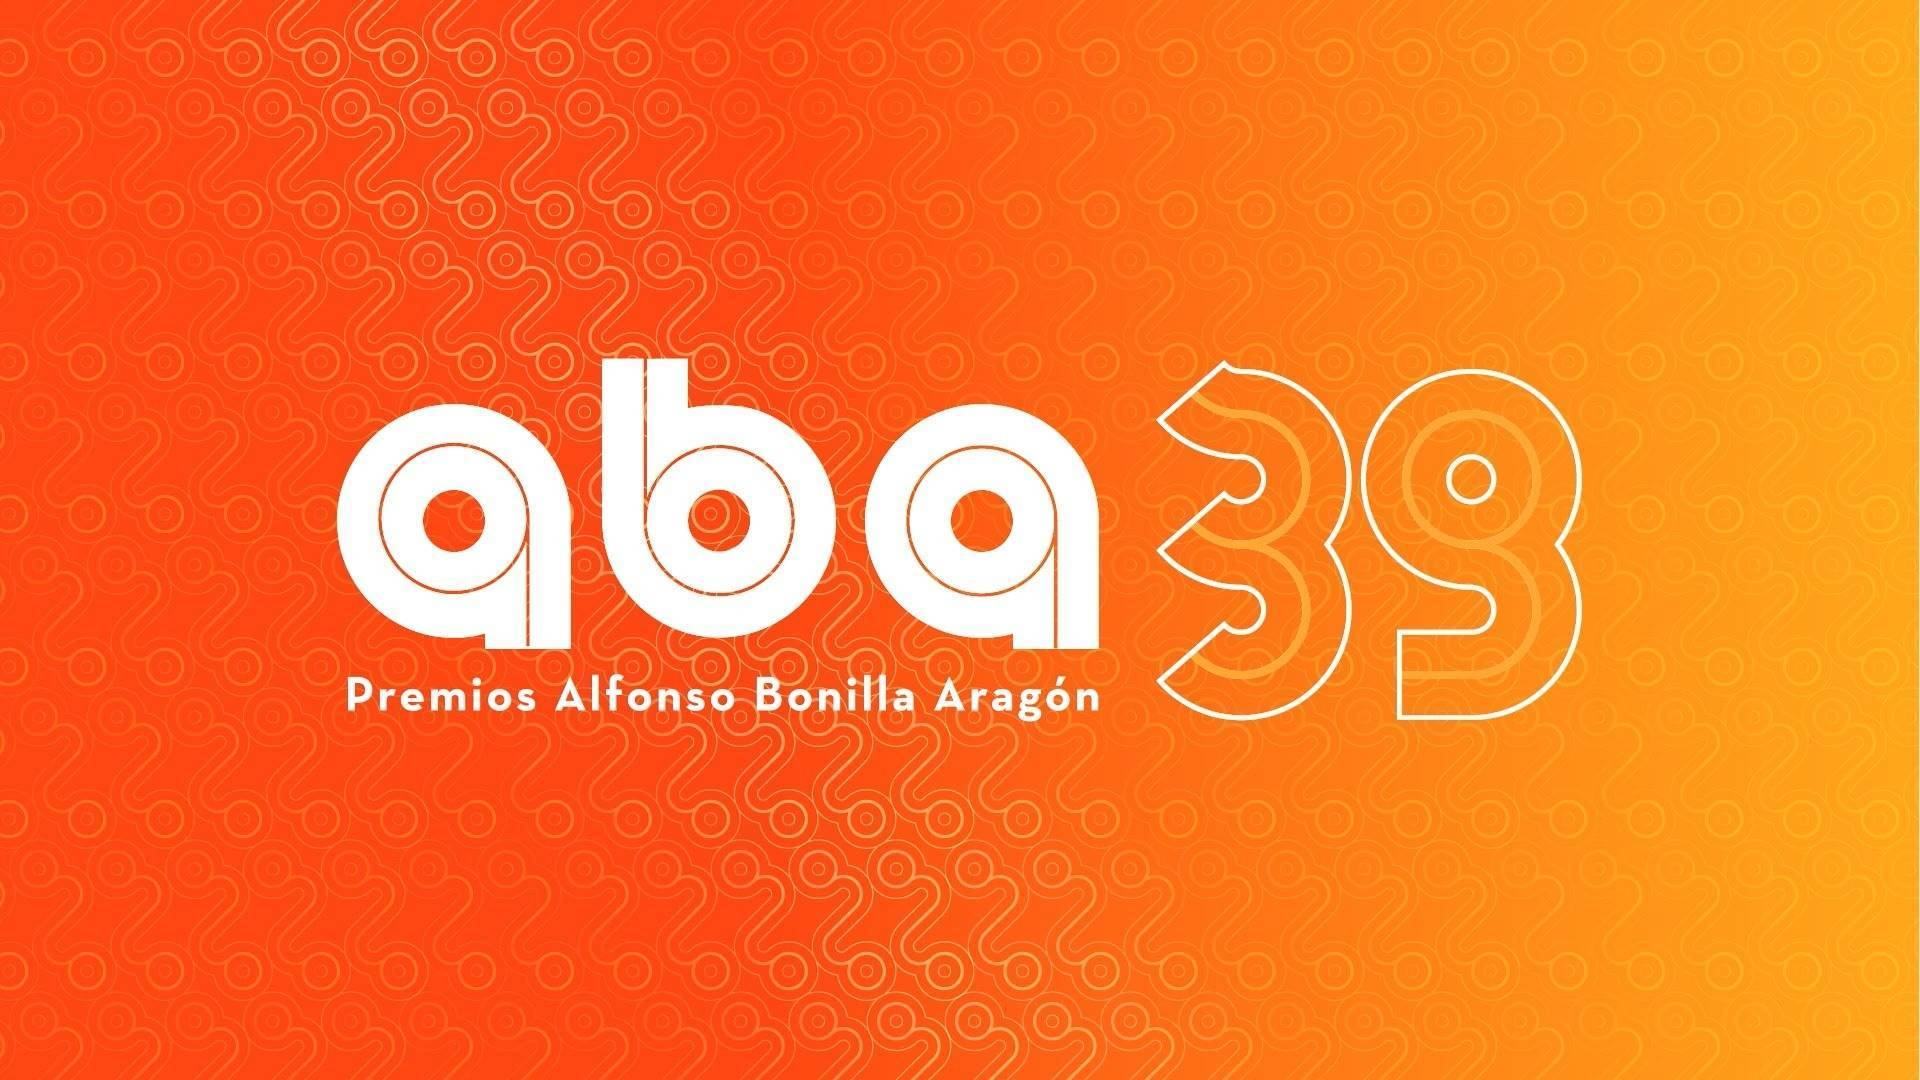 Telepacífico cuenta con 10 nominaciones en los Premios Alfonso Bonilla Aragón 2019